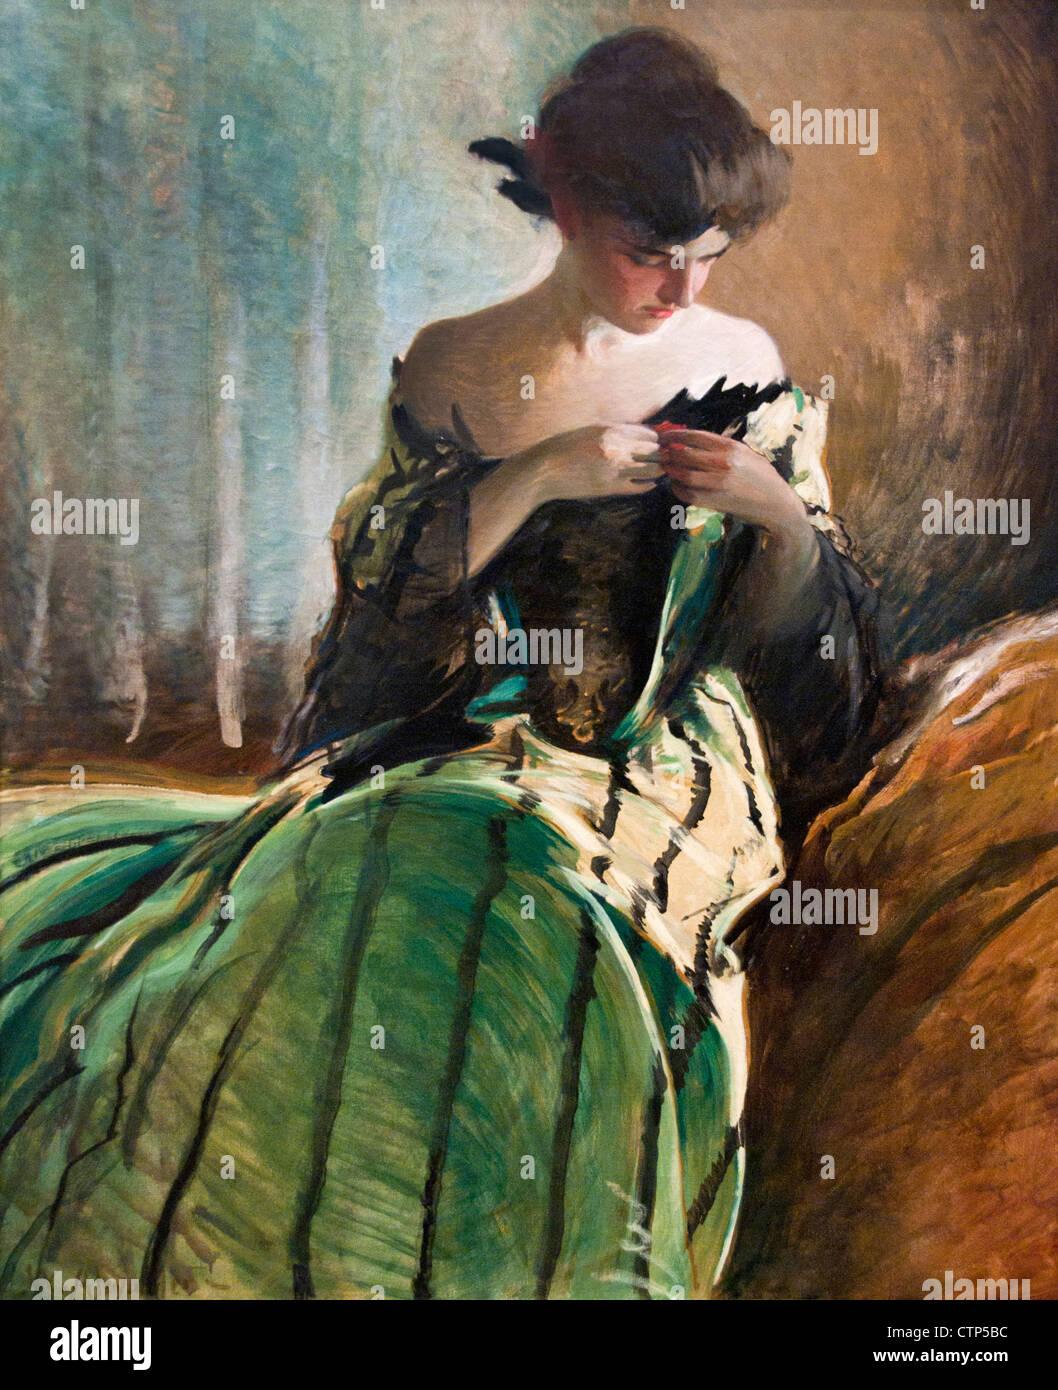 Étudier en noir et vert 1906 John White Alexander American United States of America Photo Stock